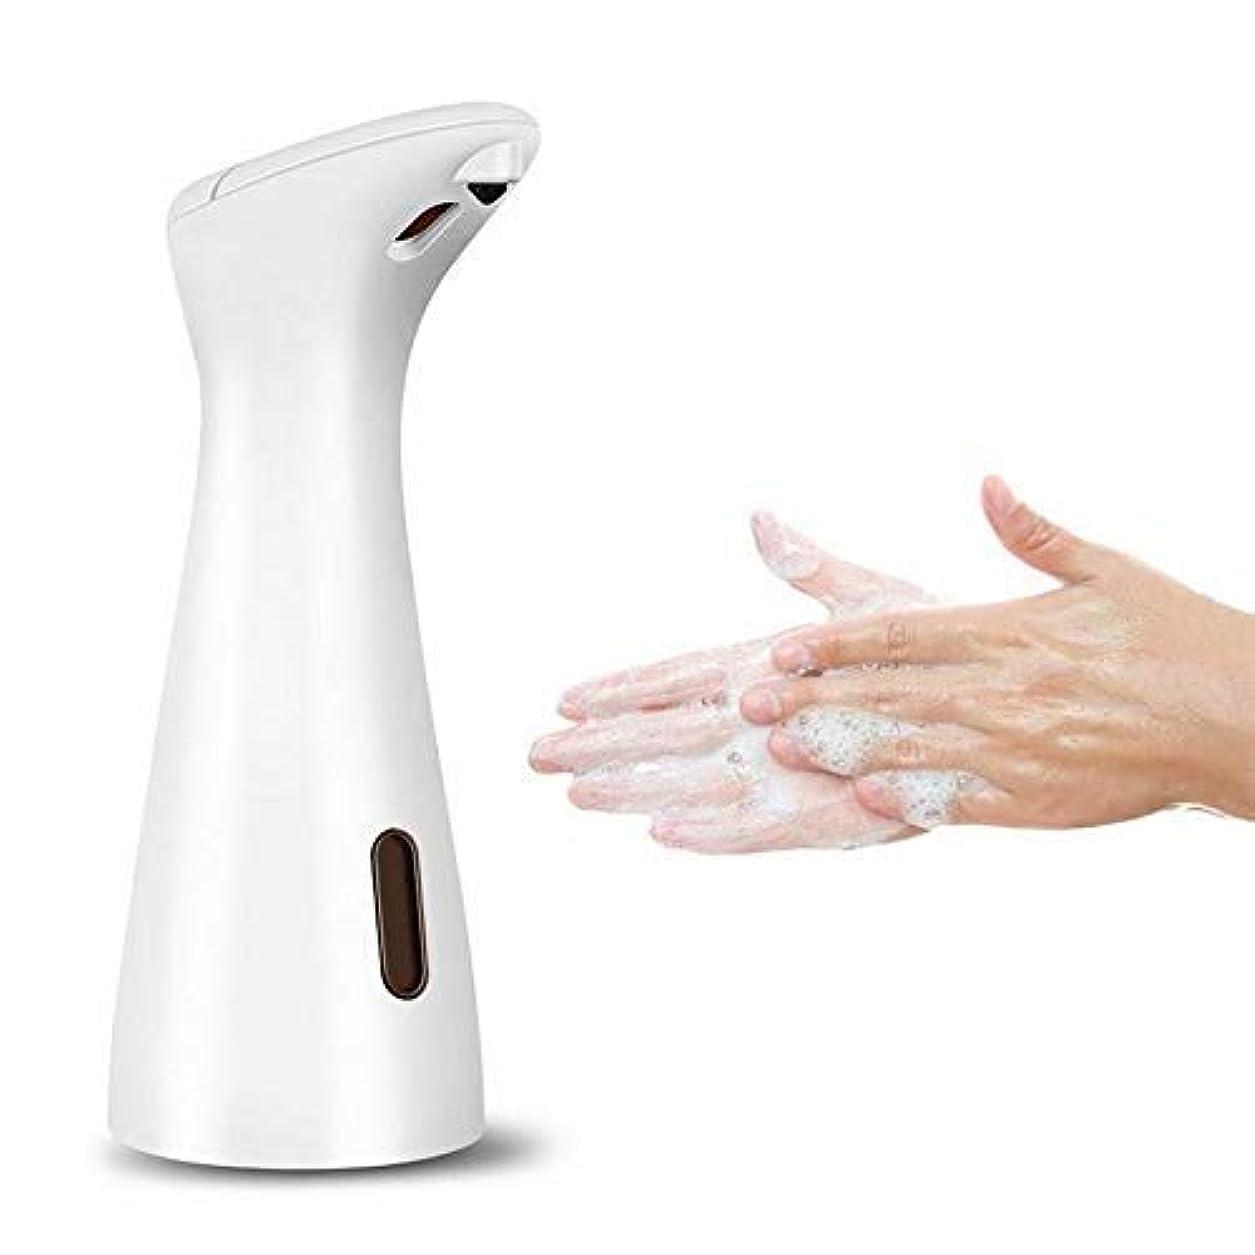 無知紫の観点200ミリリットルabs自動誘導石鹸ディスペンサー赤外線ハンズフリーセパレーター付き浴室キッチン用